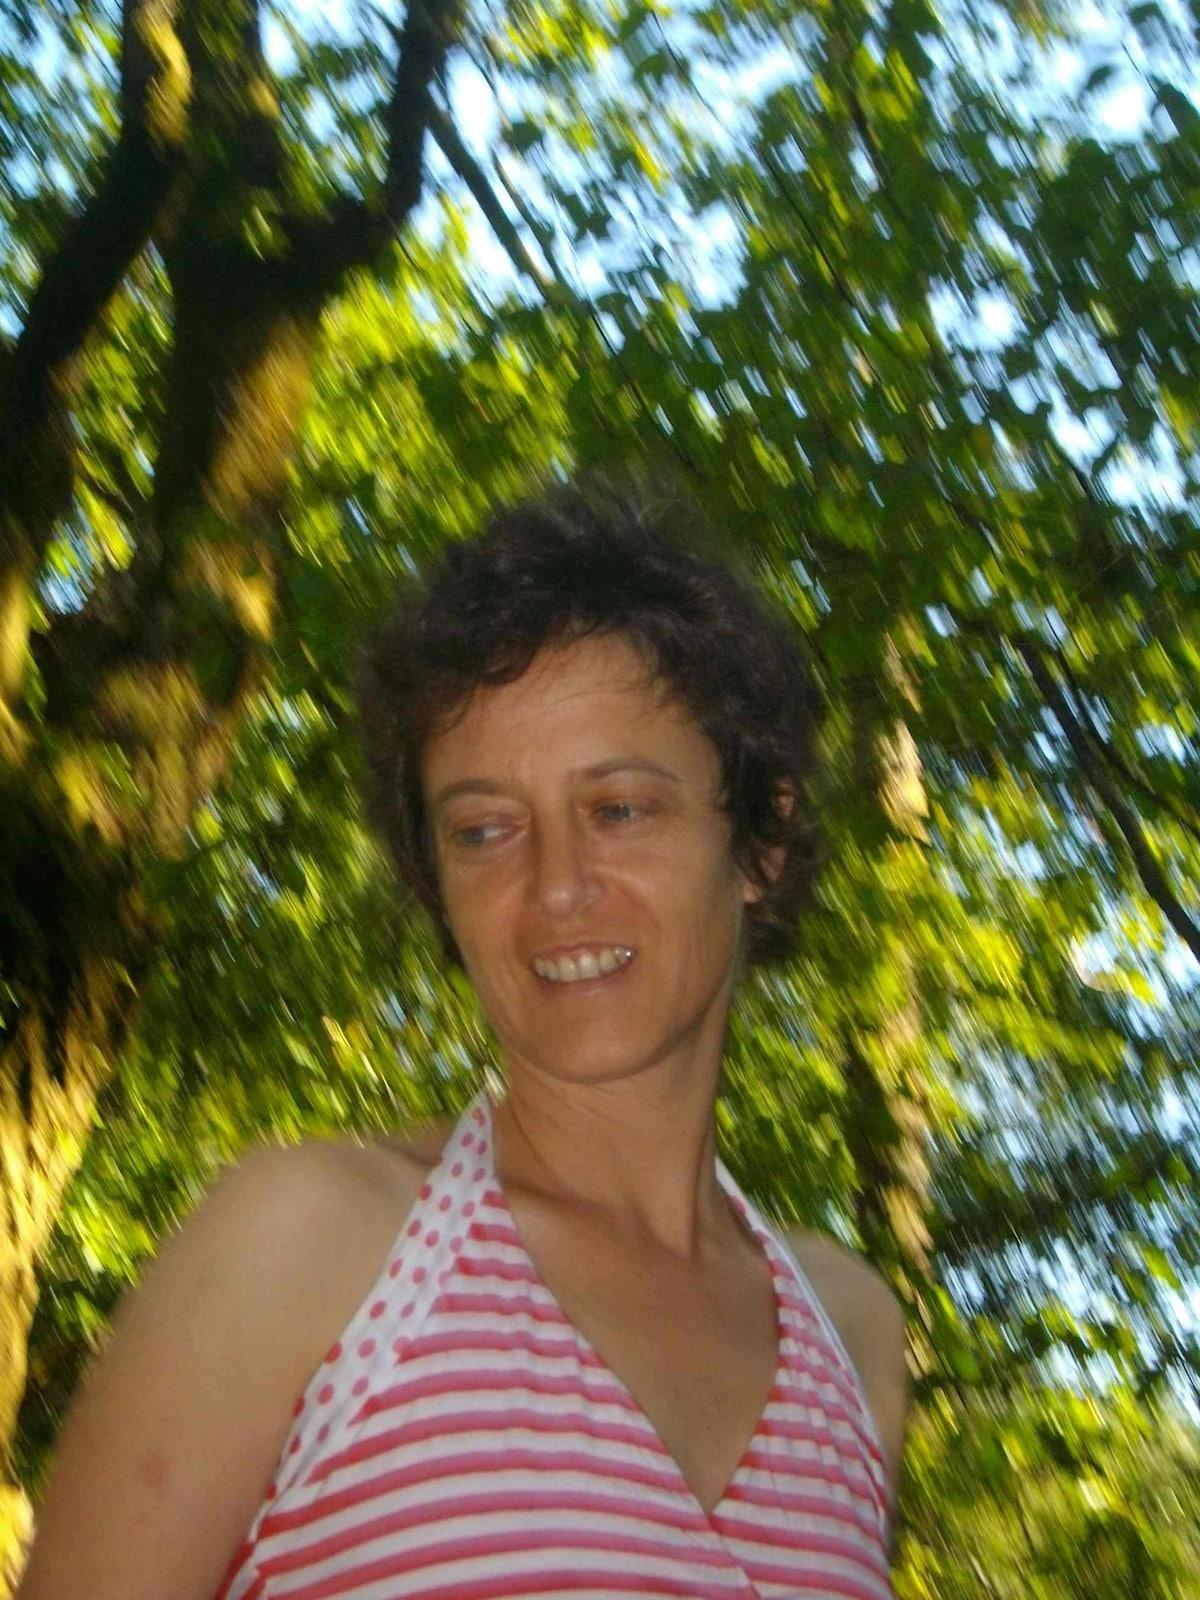 Rosario from Viana do Castelo